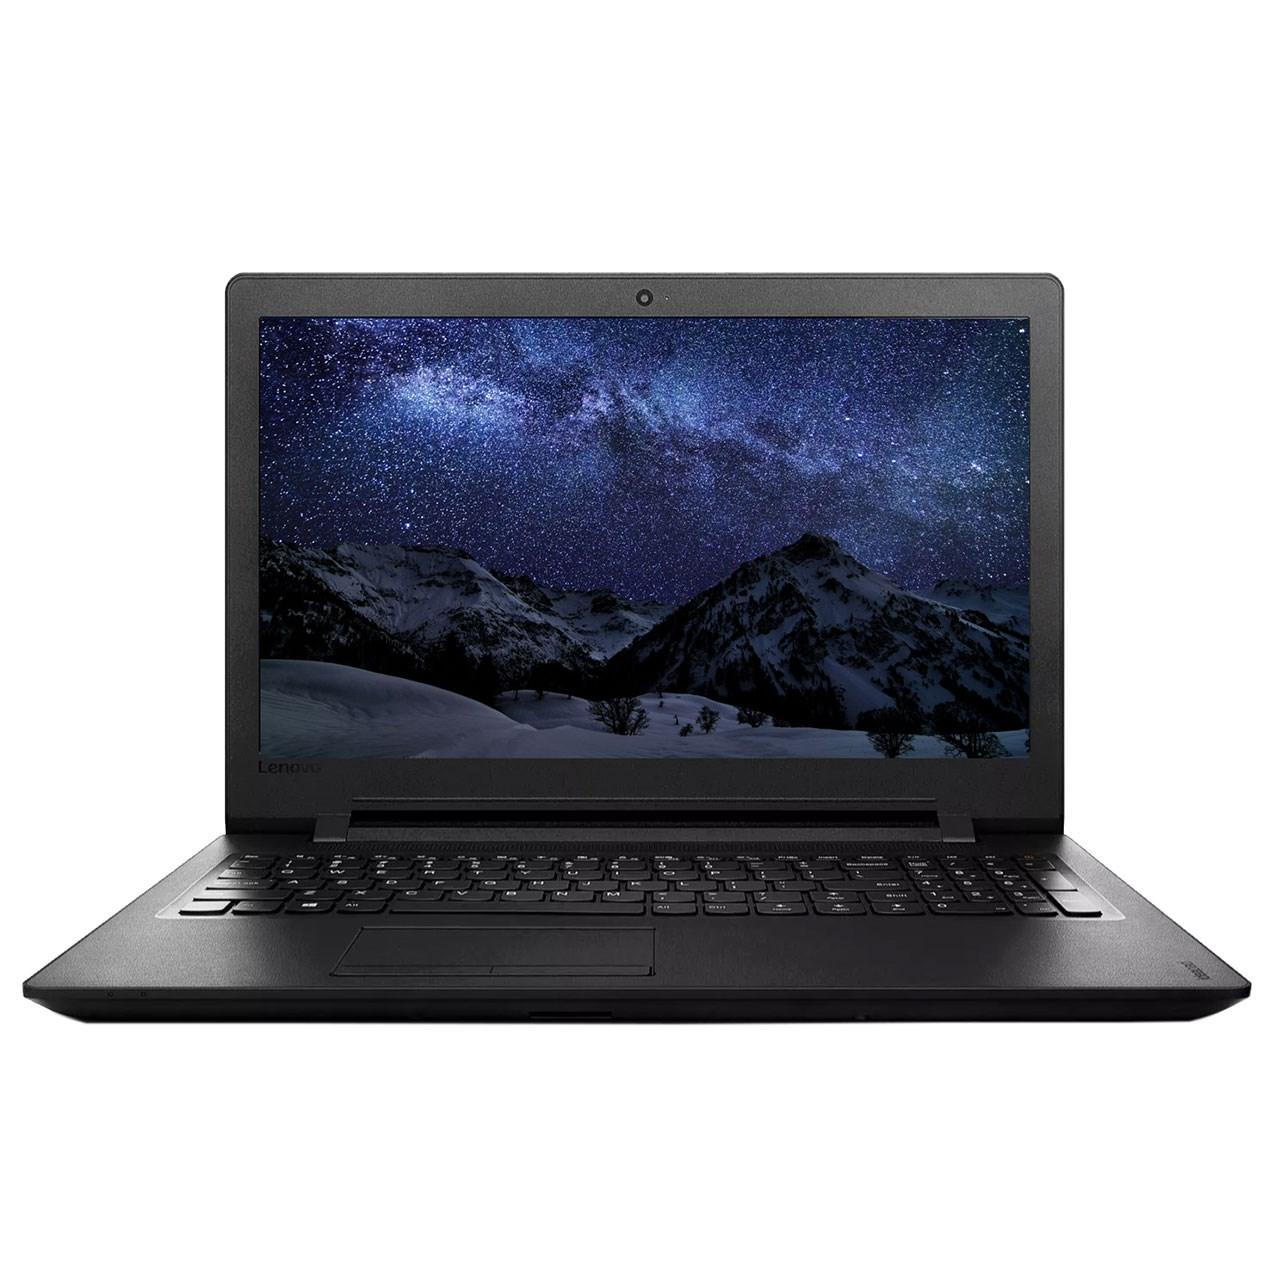 قیمت لپ تاپ 15 اینچی لنوو مدل Ideapad 110 - K